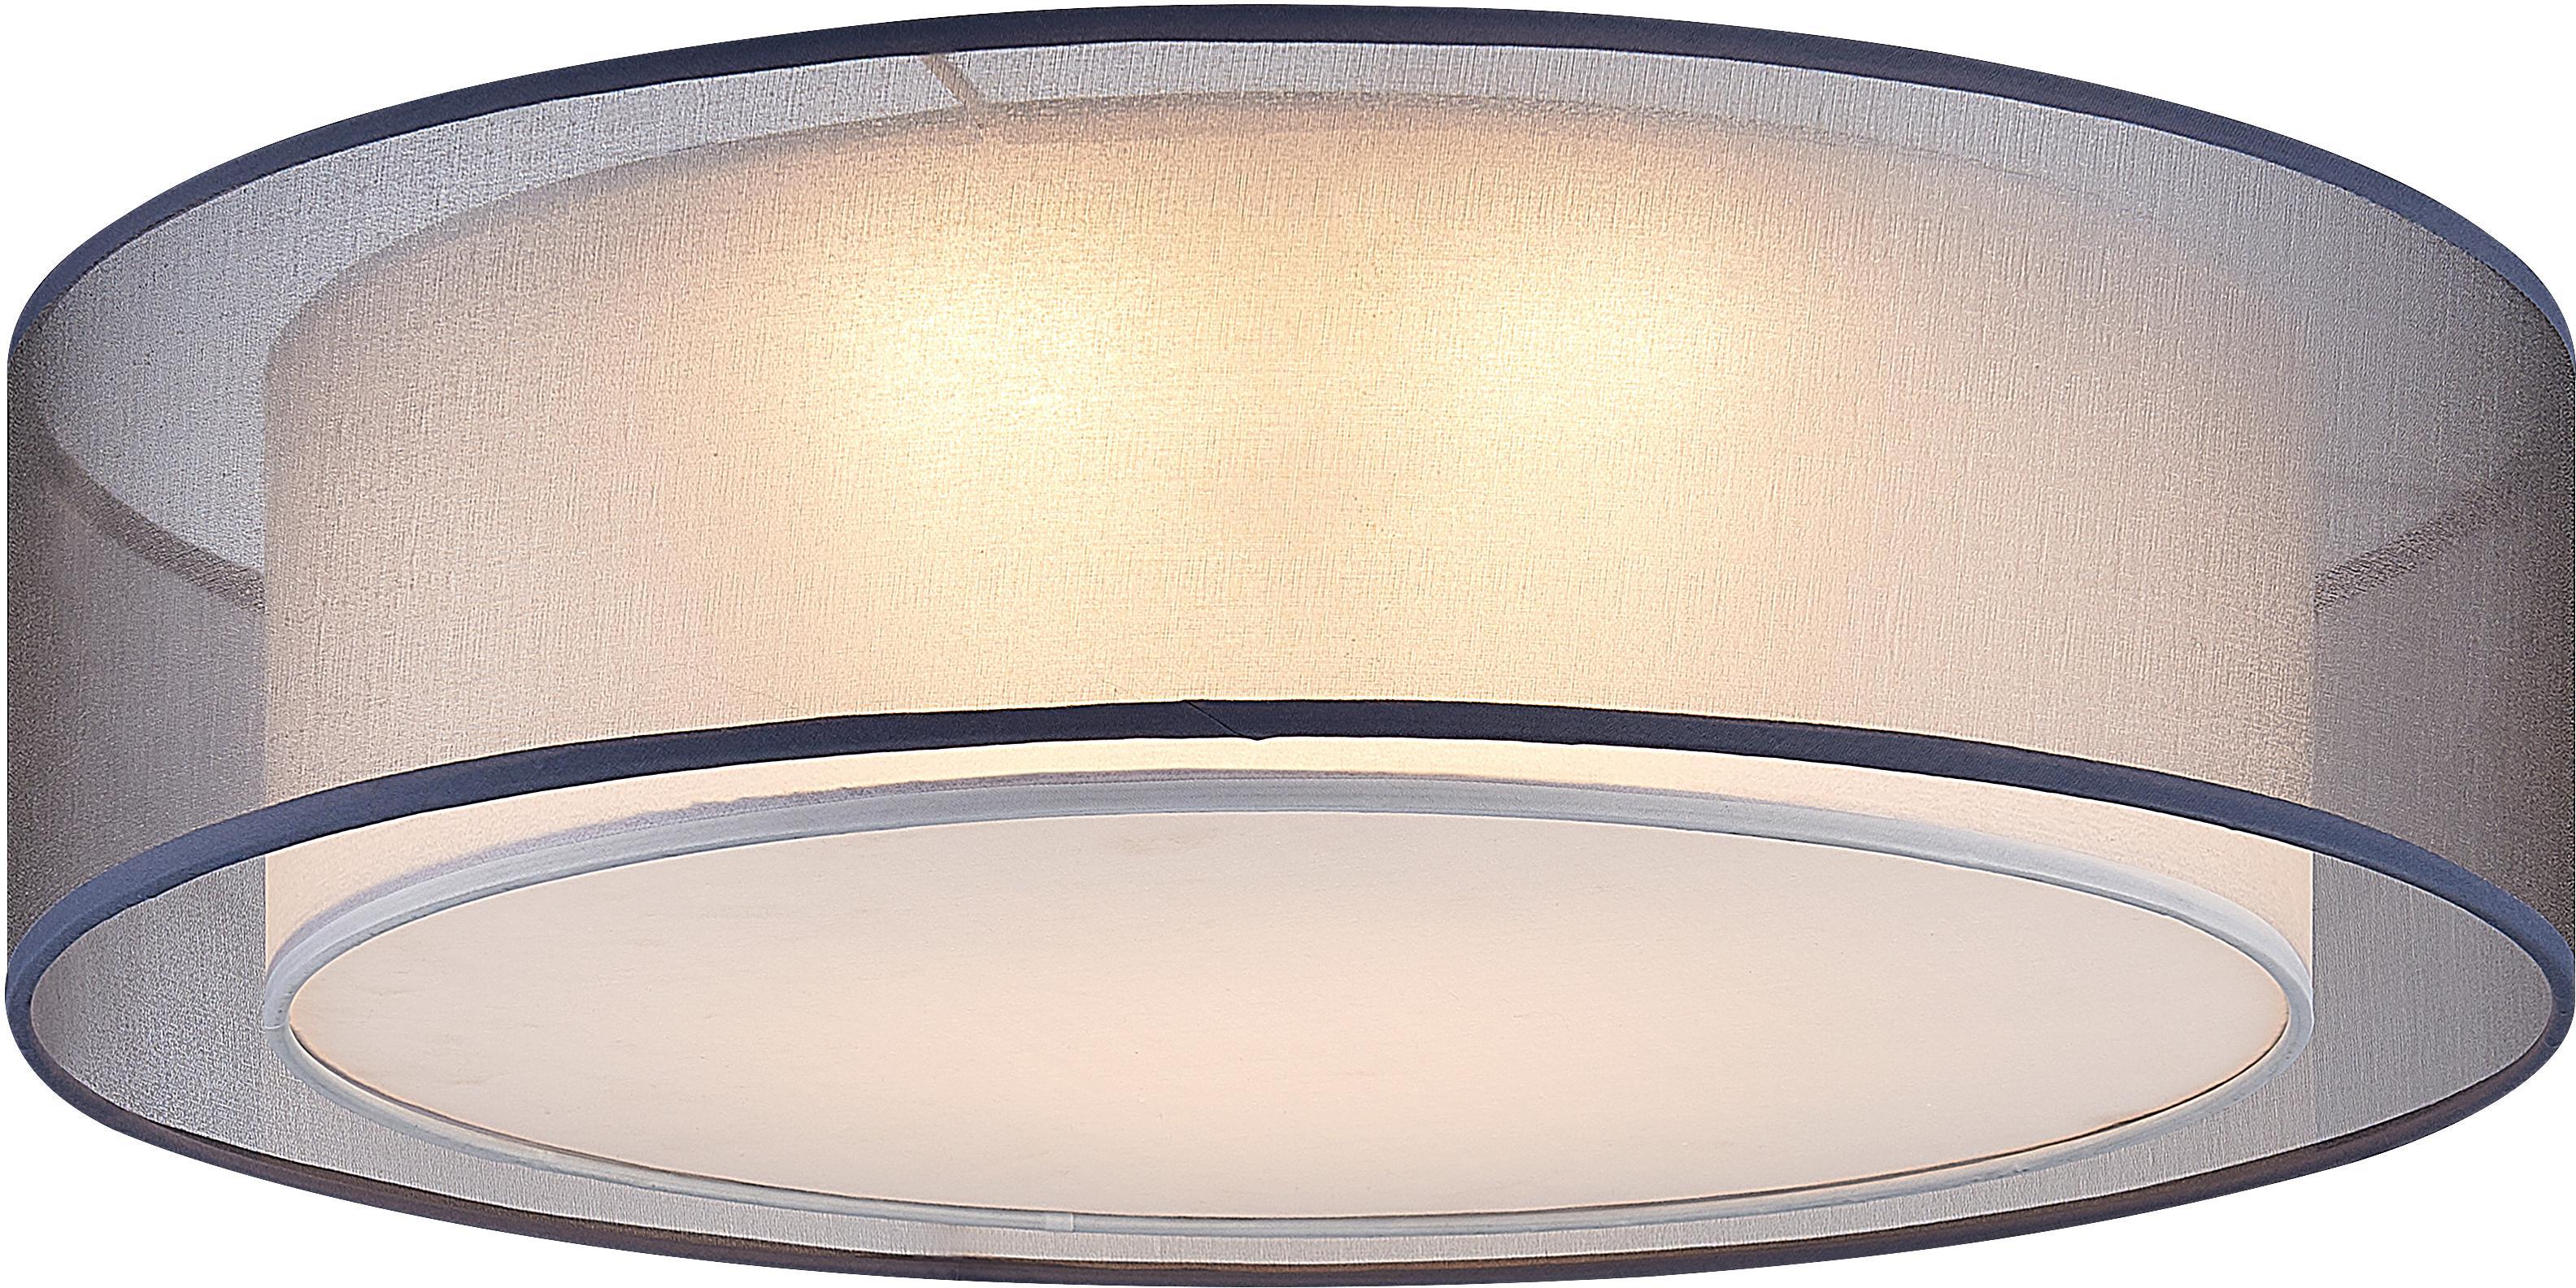 Nino Leuchten LED Deckenleuchte CHLOE, LED-Board, Warmweiß, LED Deckenlampe